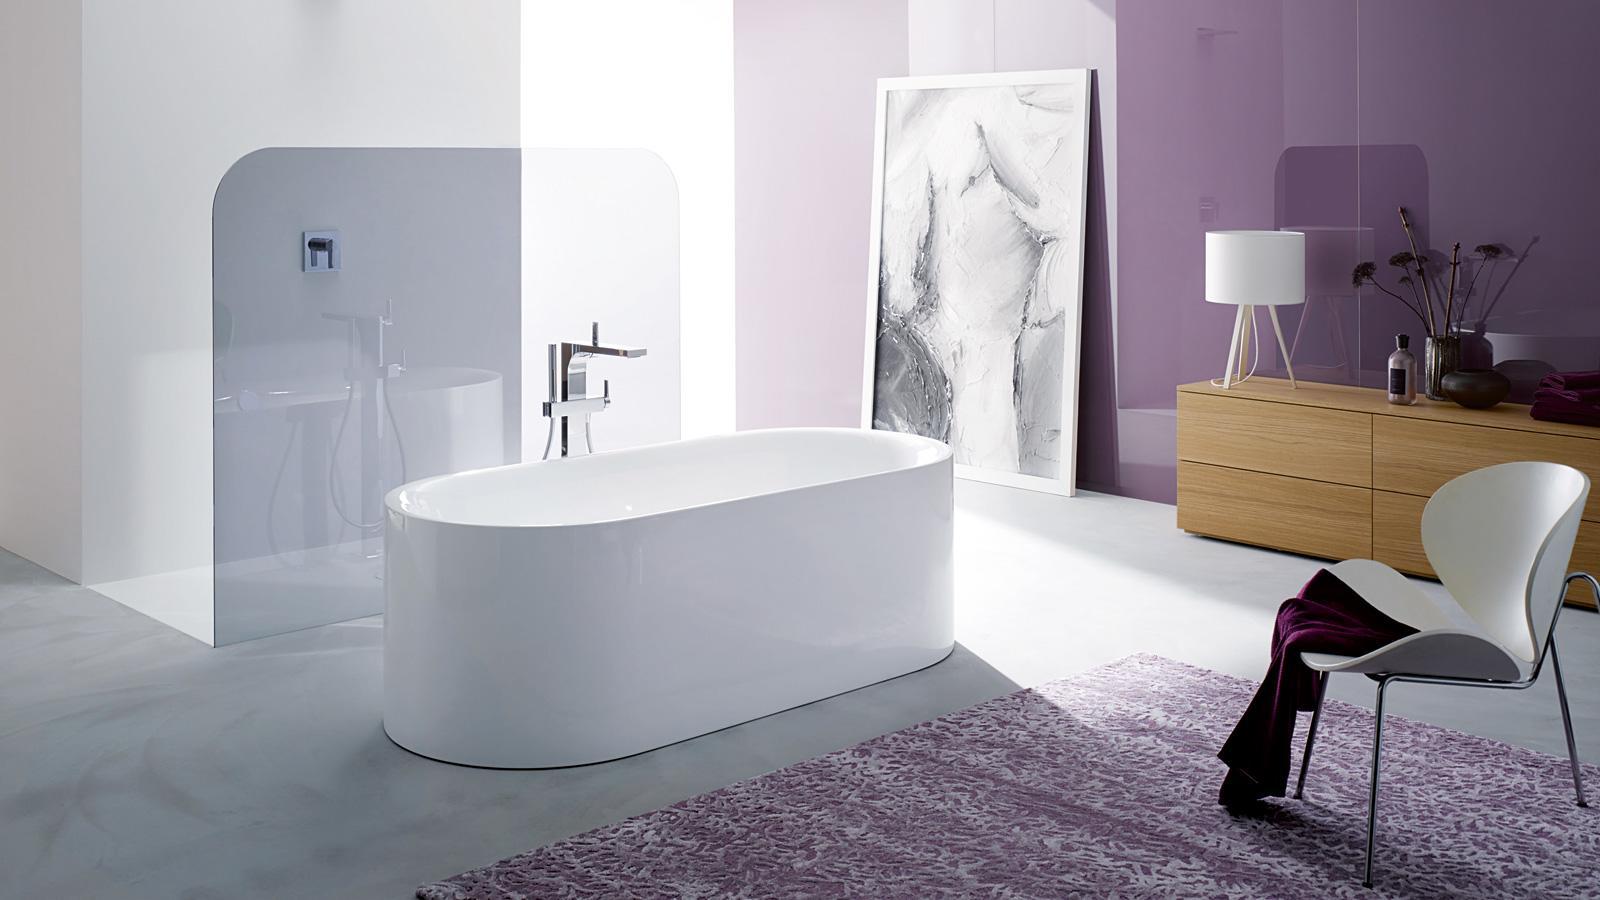 wie viel kostet ein neues bad circa werte in schritten with wie viel kostet ein neues bad. Black Bedroom Furniture Sets. Home Design Ideas